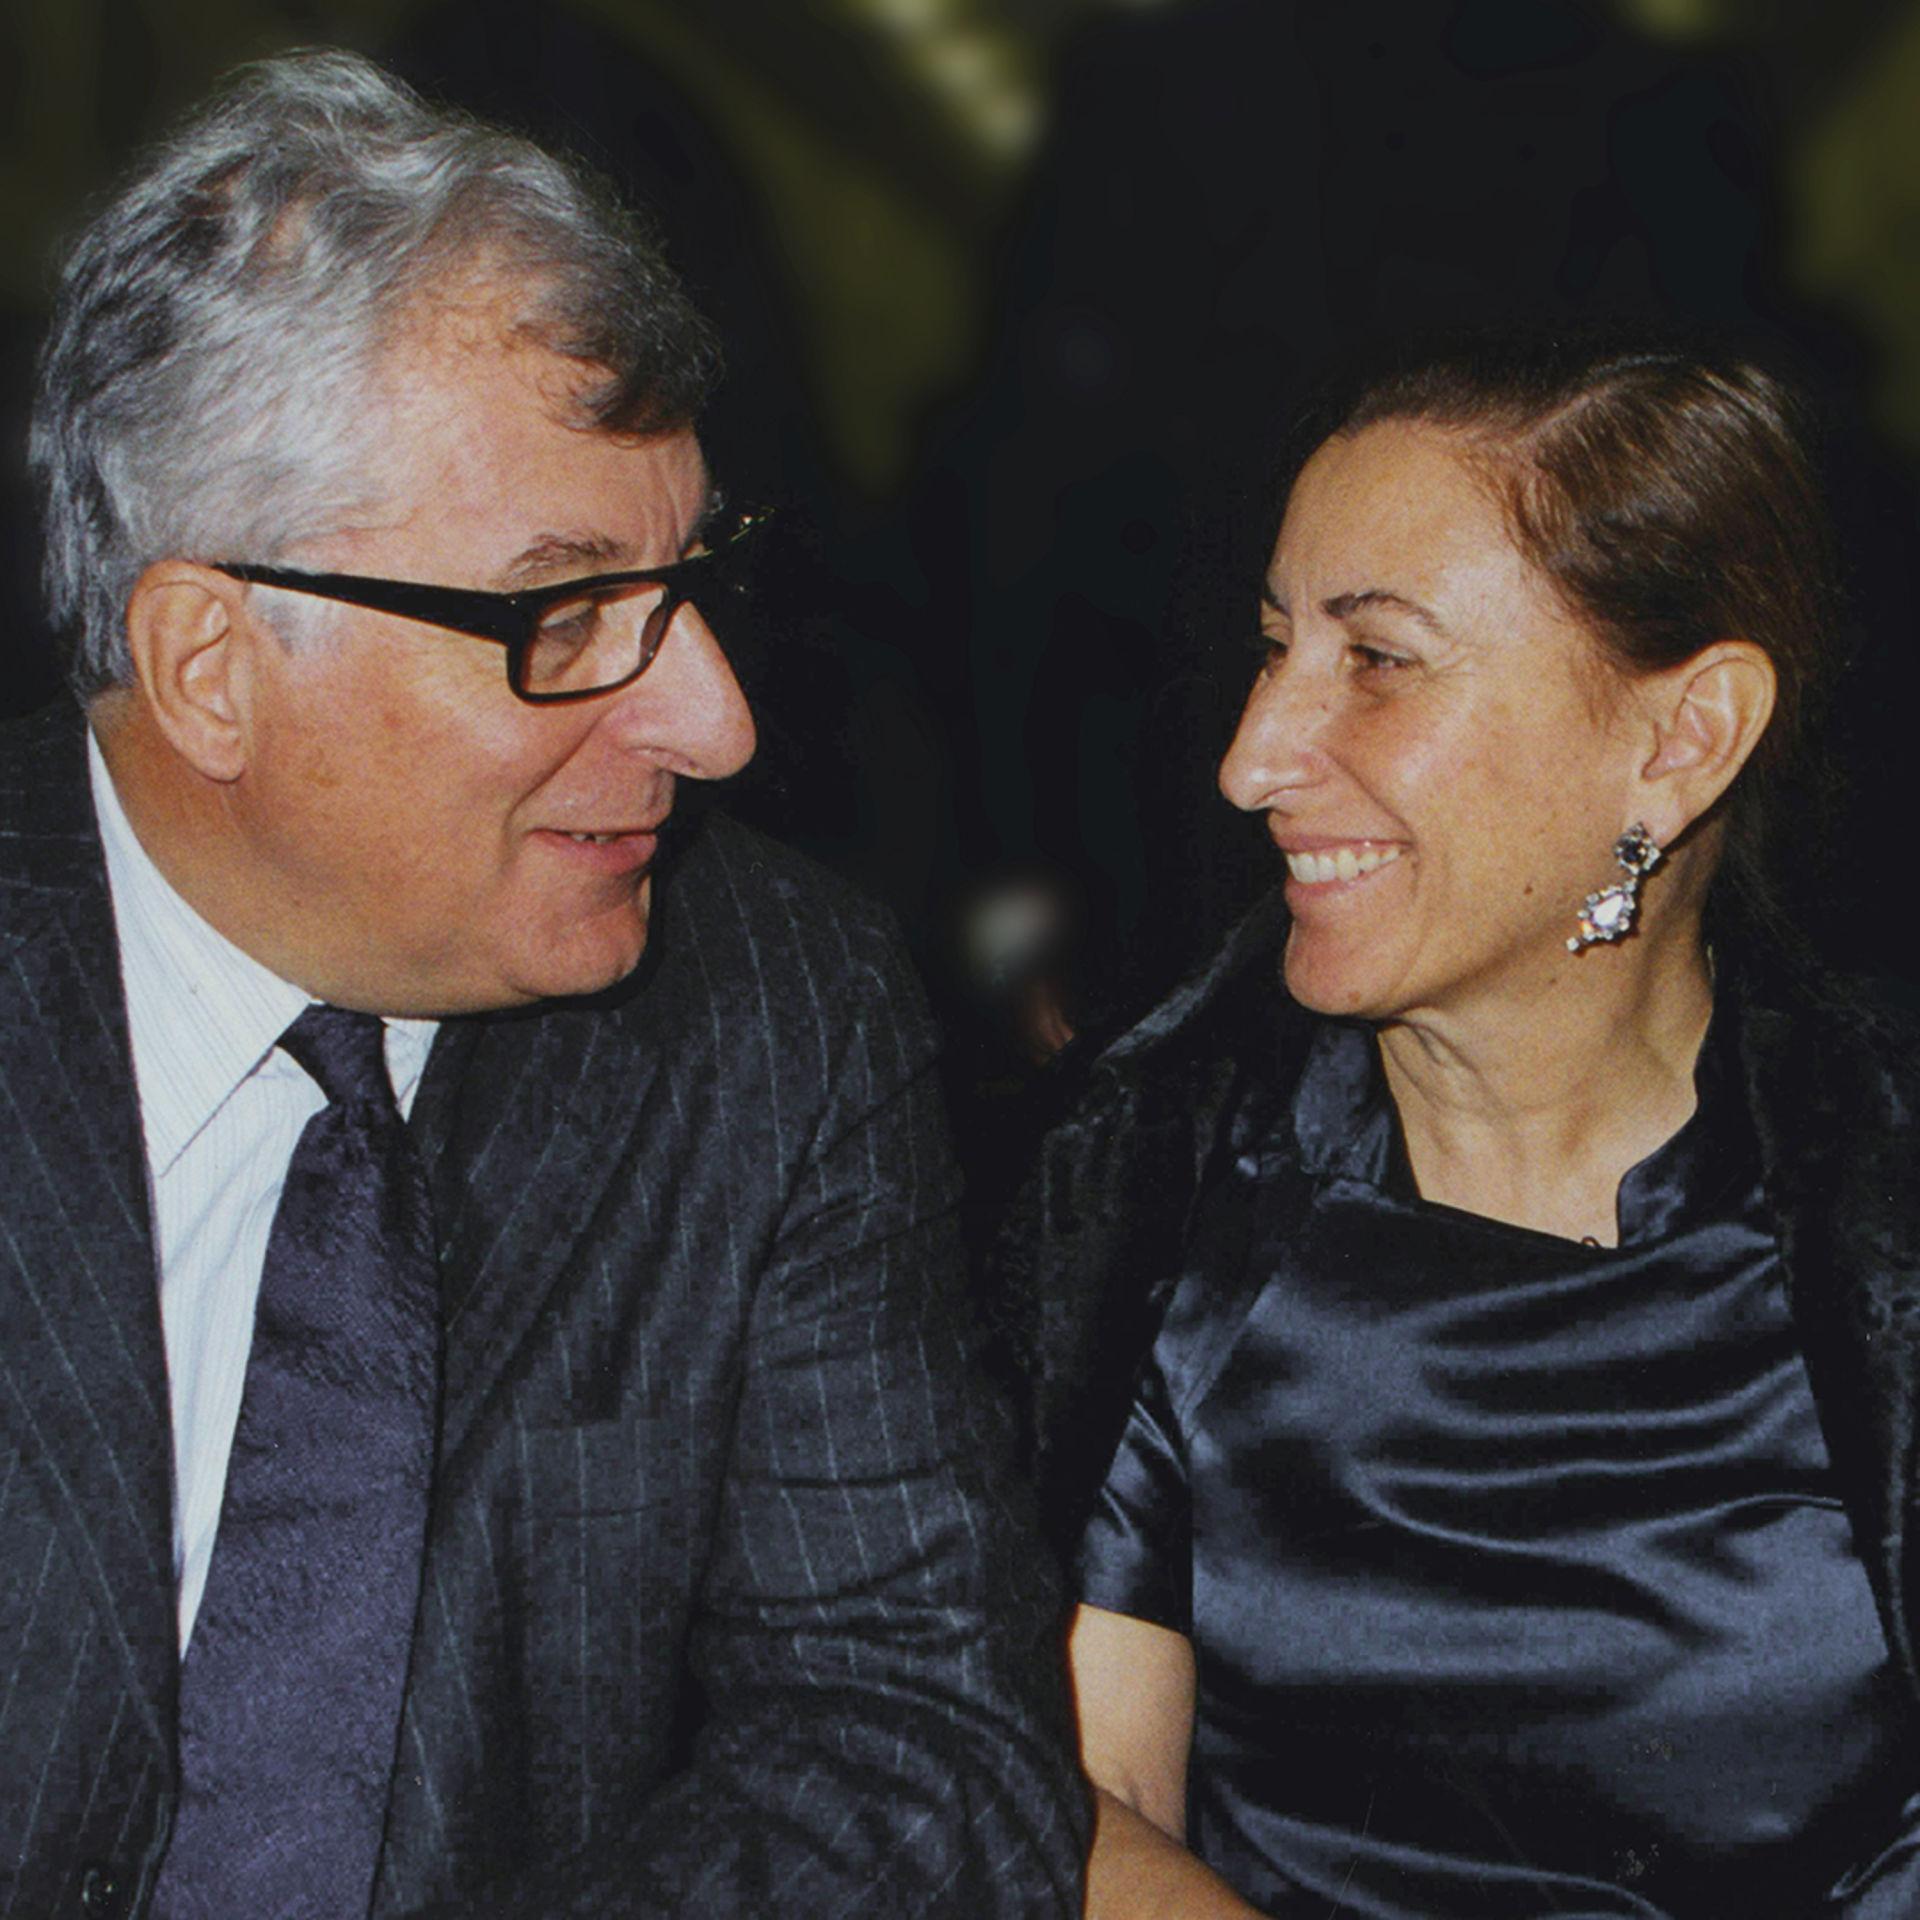 hình ảnh cặp vợ chồng miuccia và chồng patrizio tìm hiểu logo thương hiệu prada